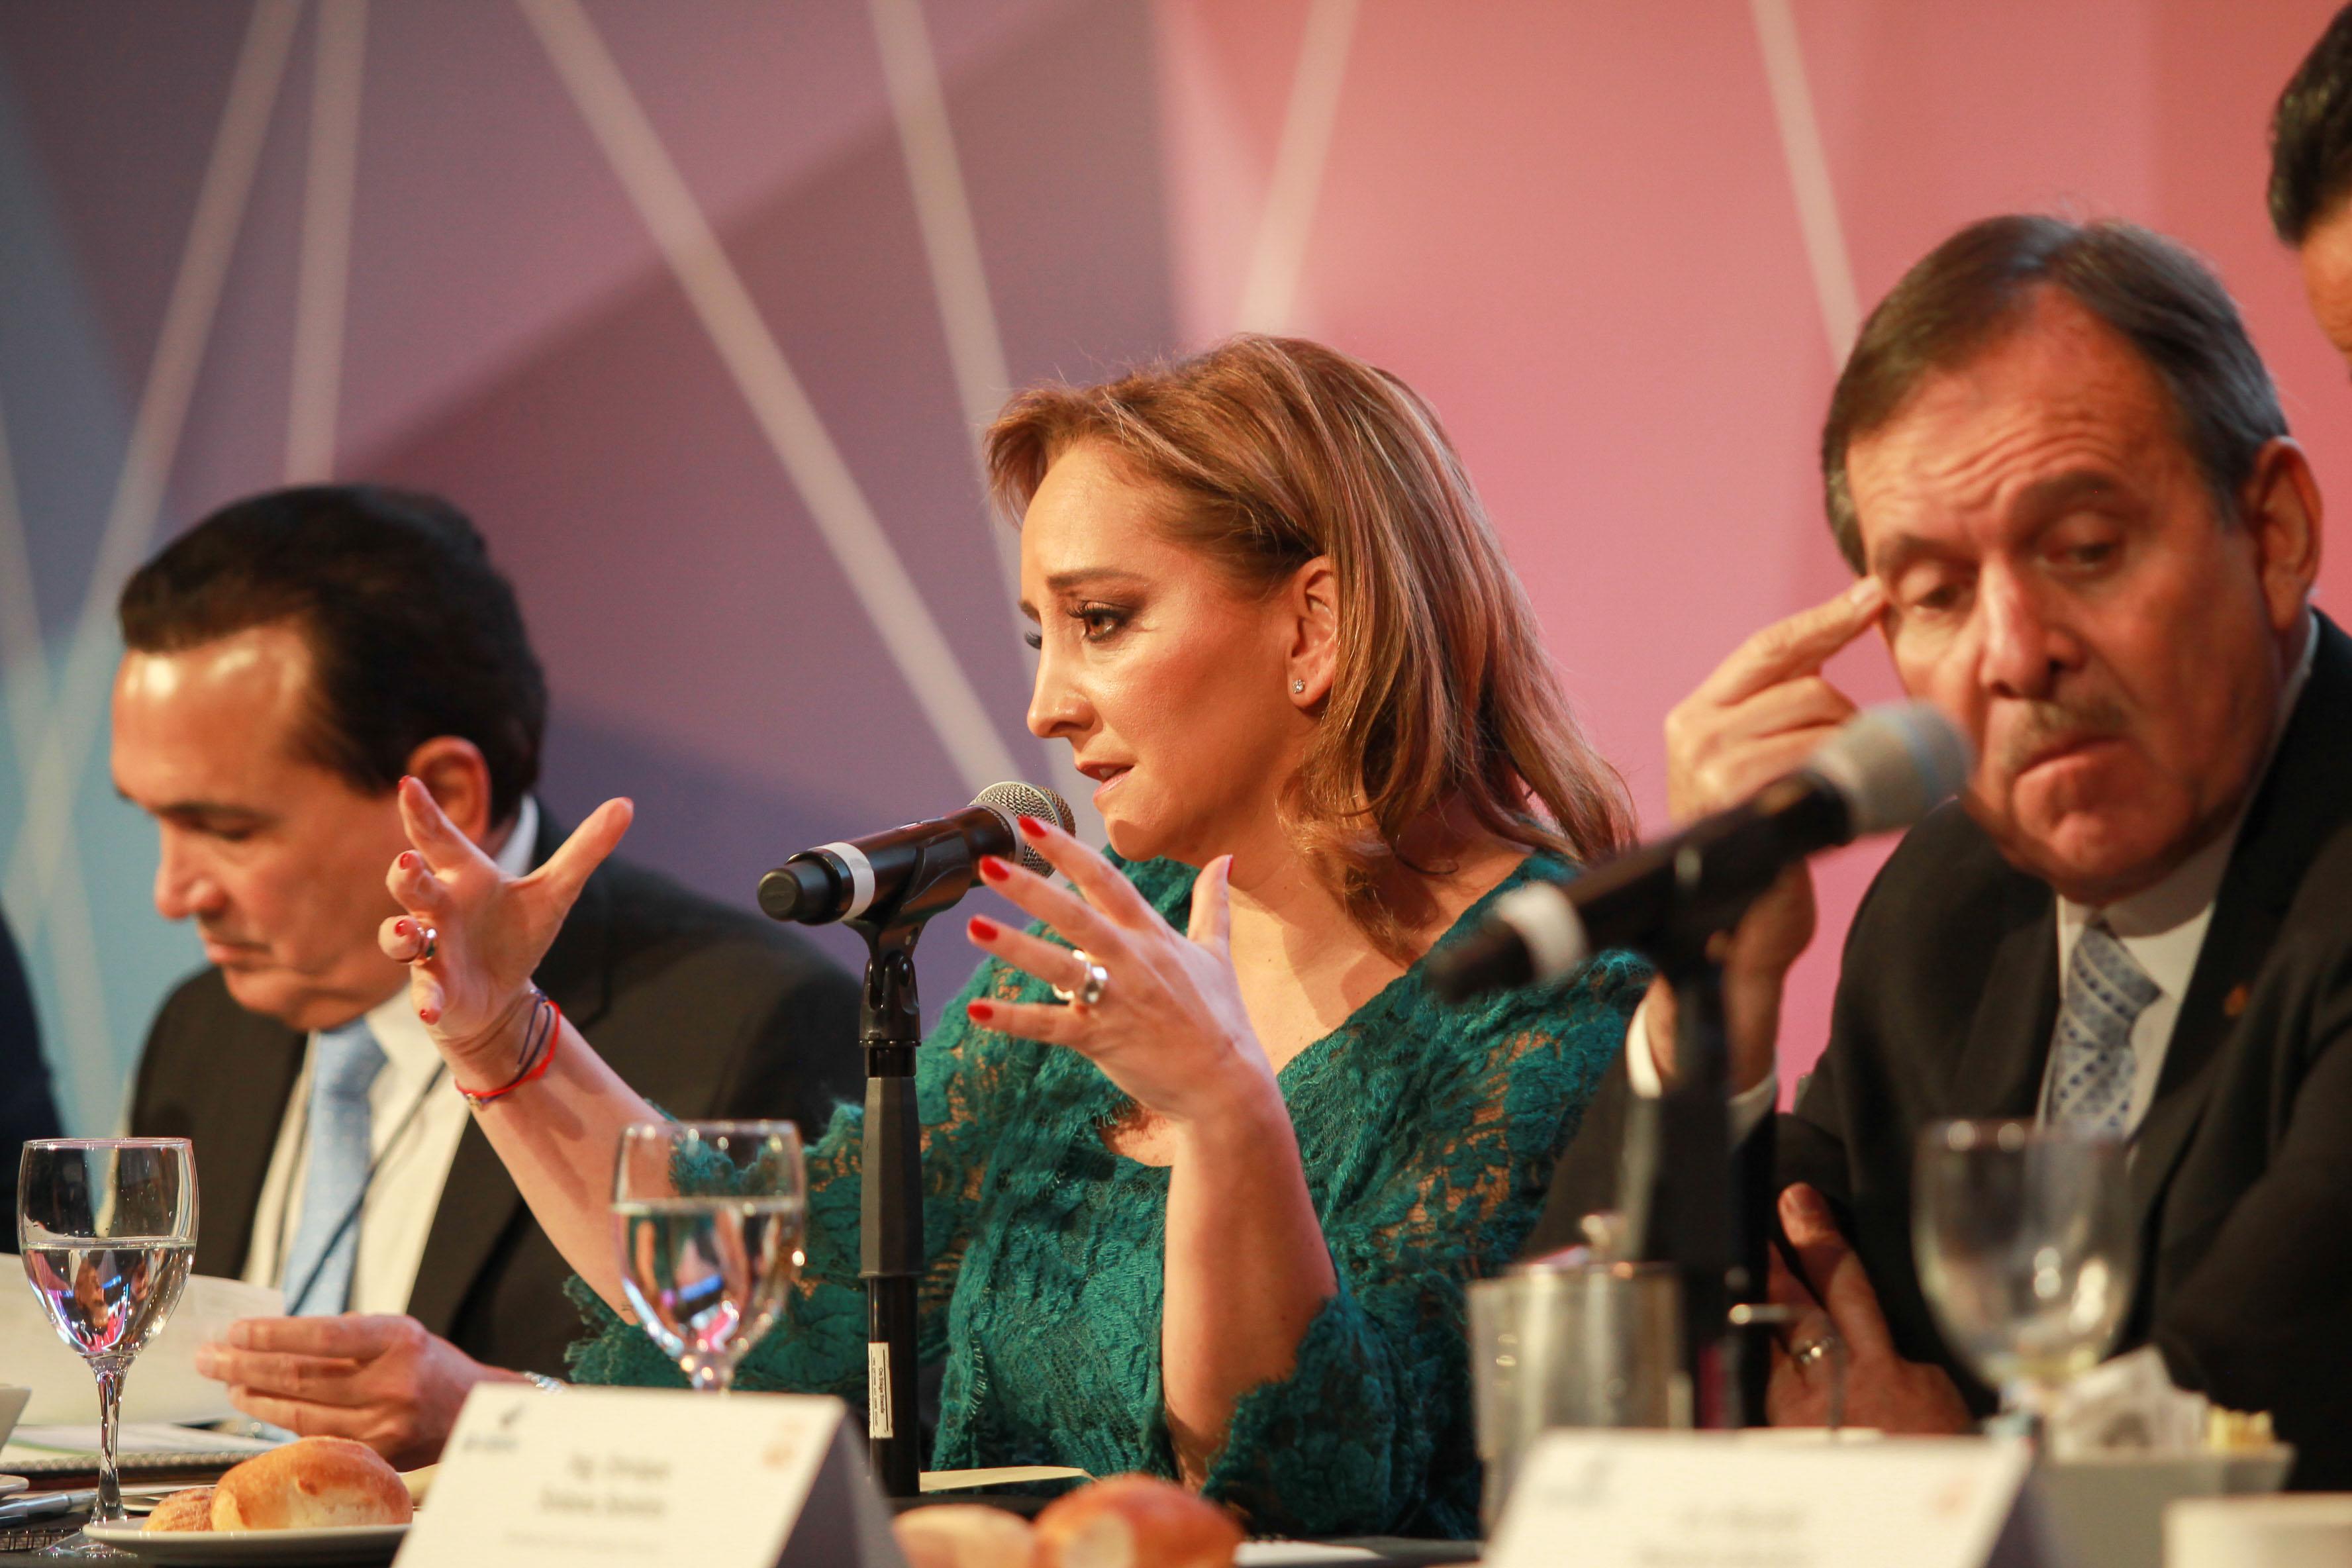 La relación de México y Estados Unidos no empieza ni termina con la conclusión de la elección: CRM